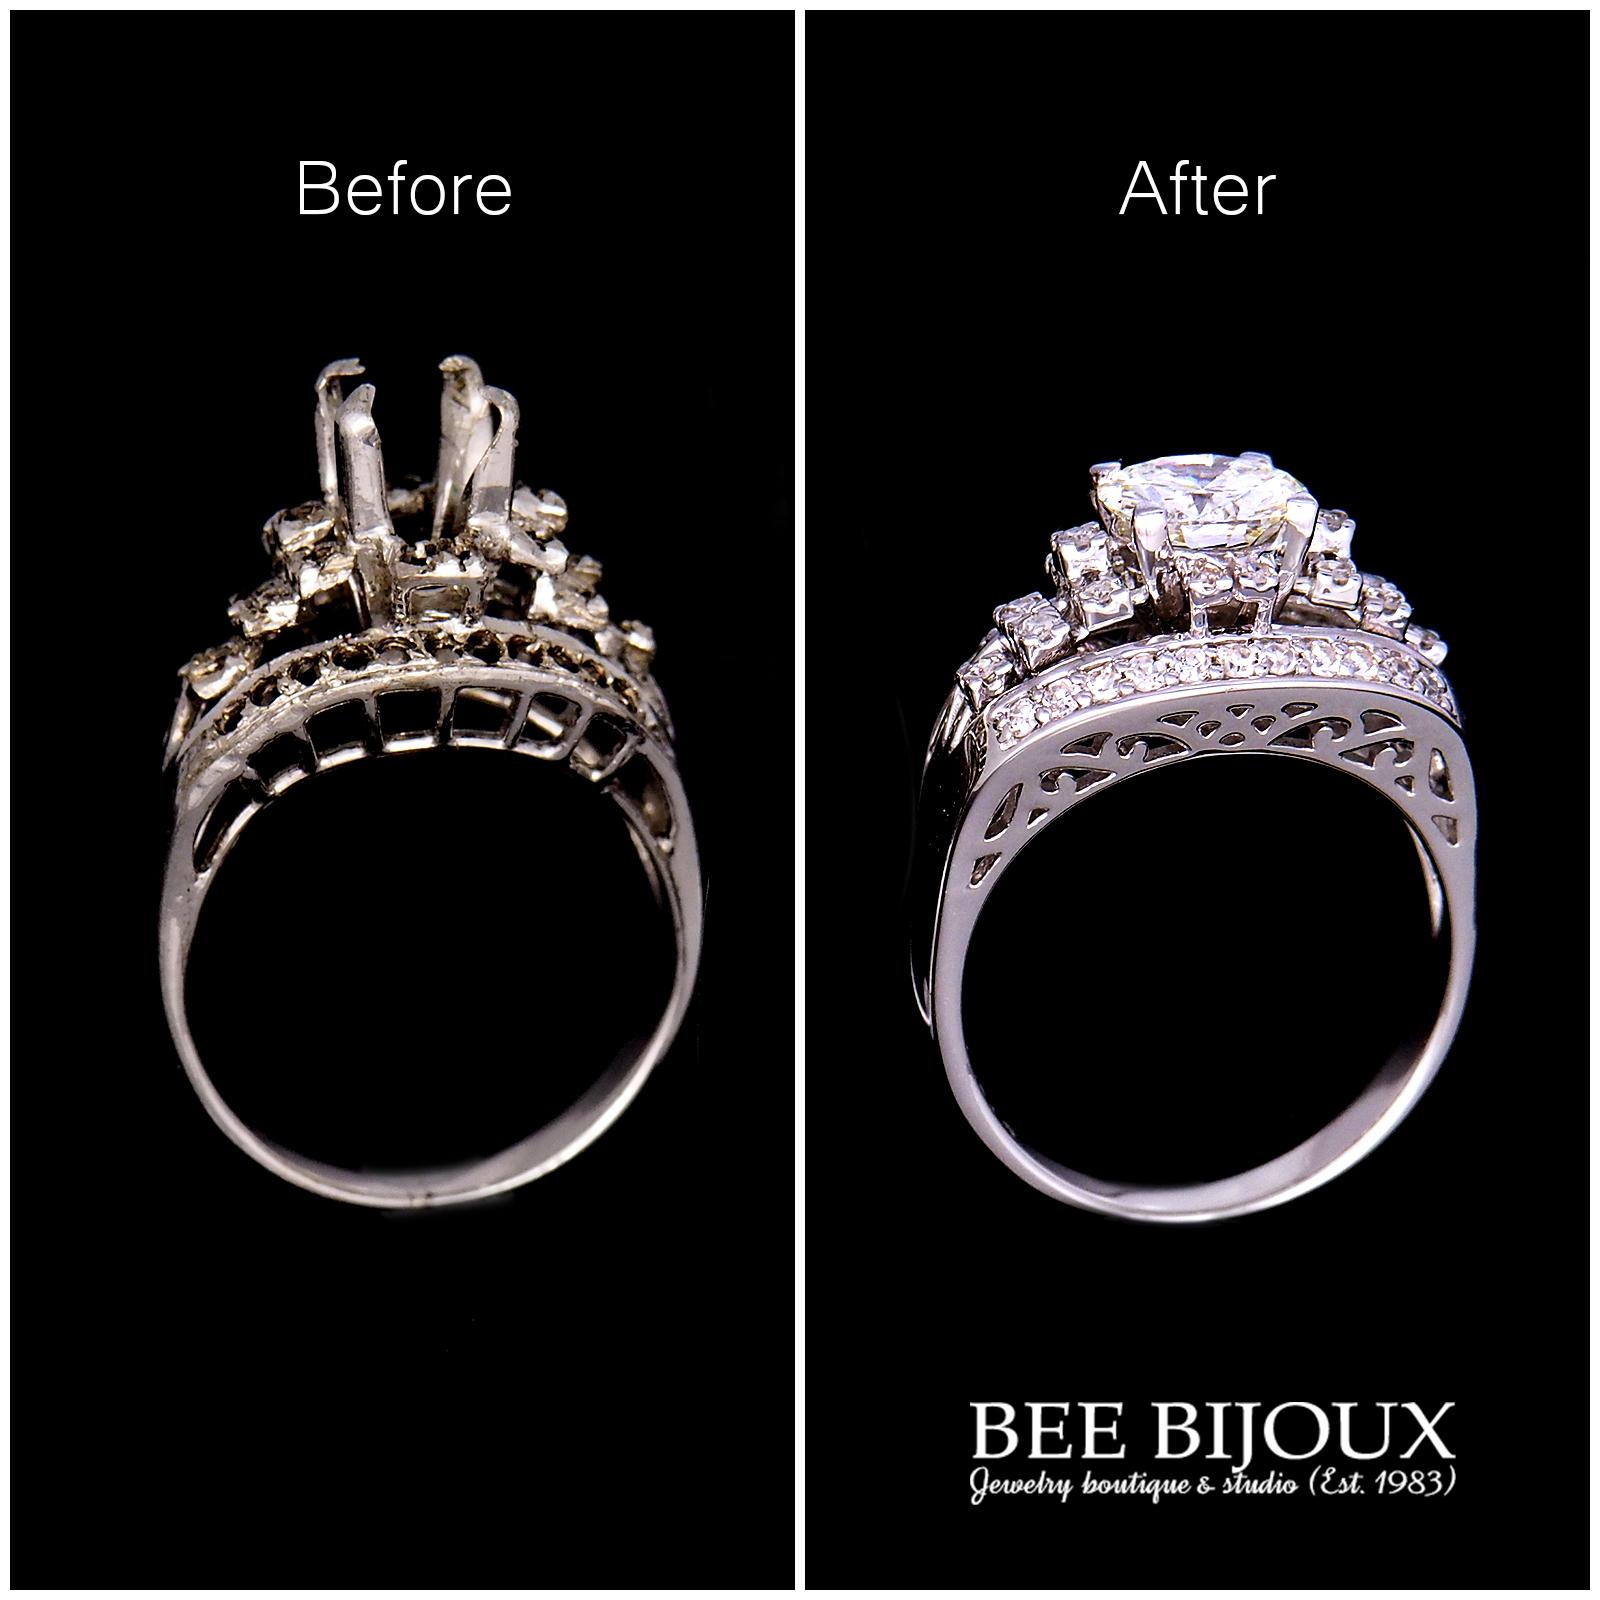 แหวนแต่งงาน before and after